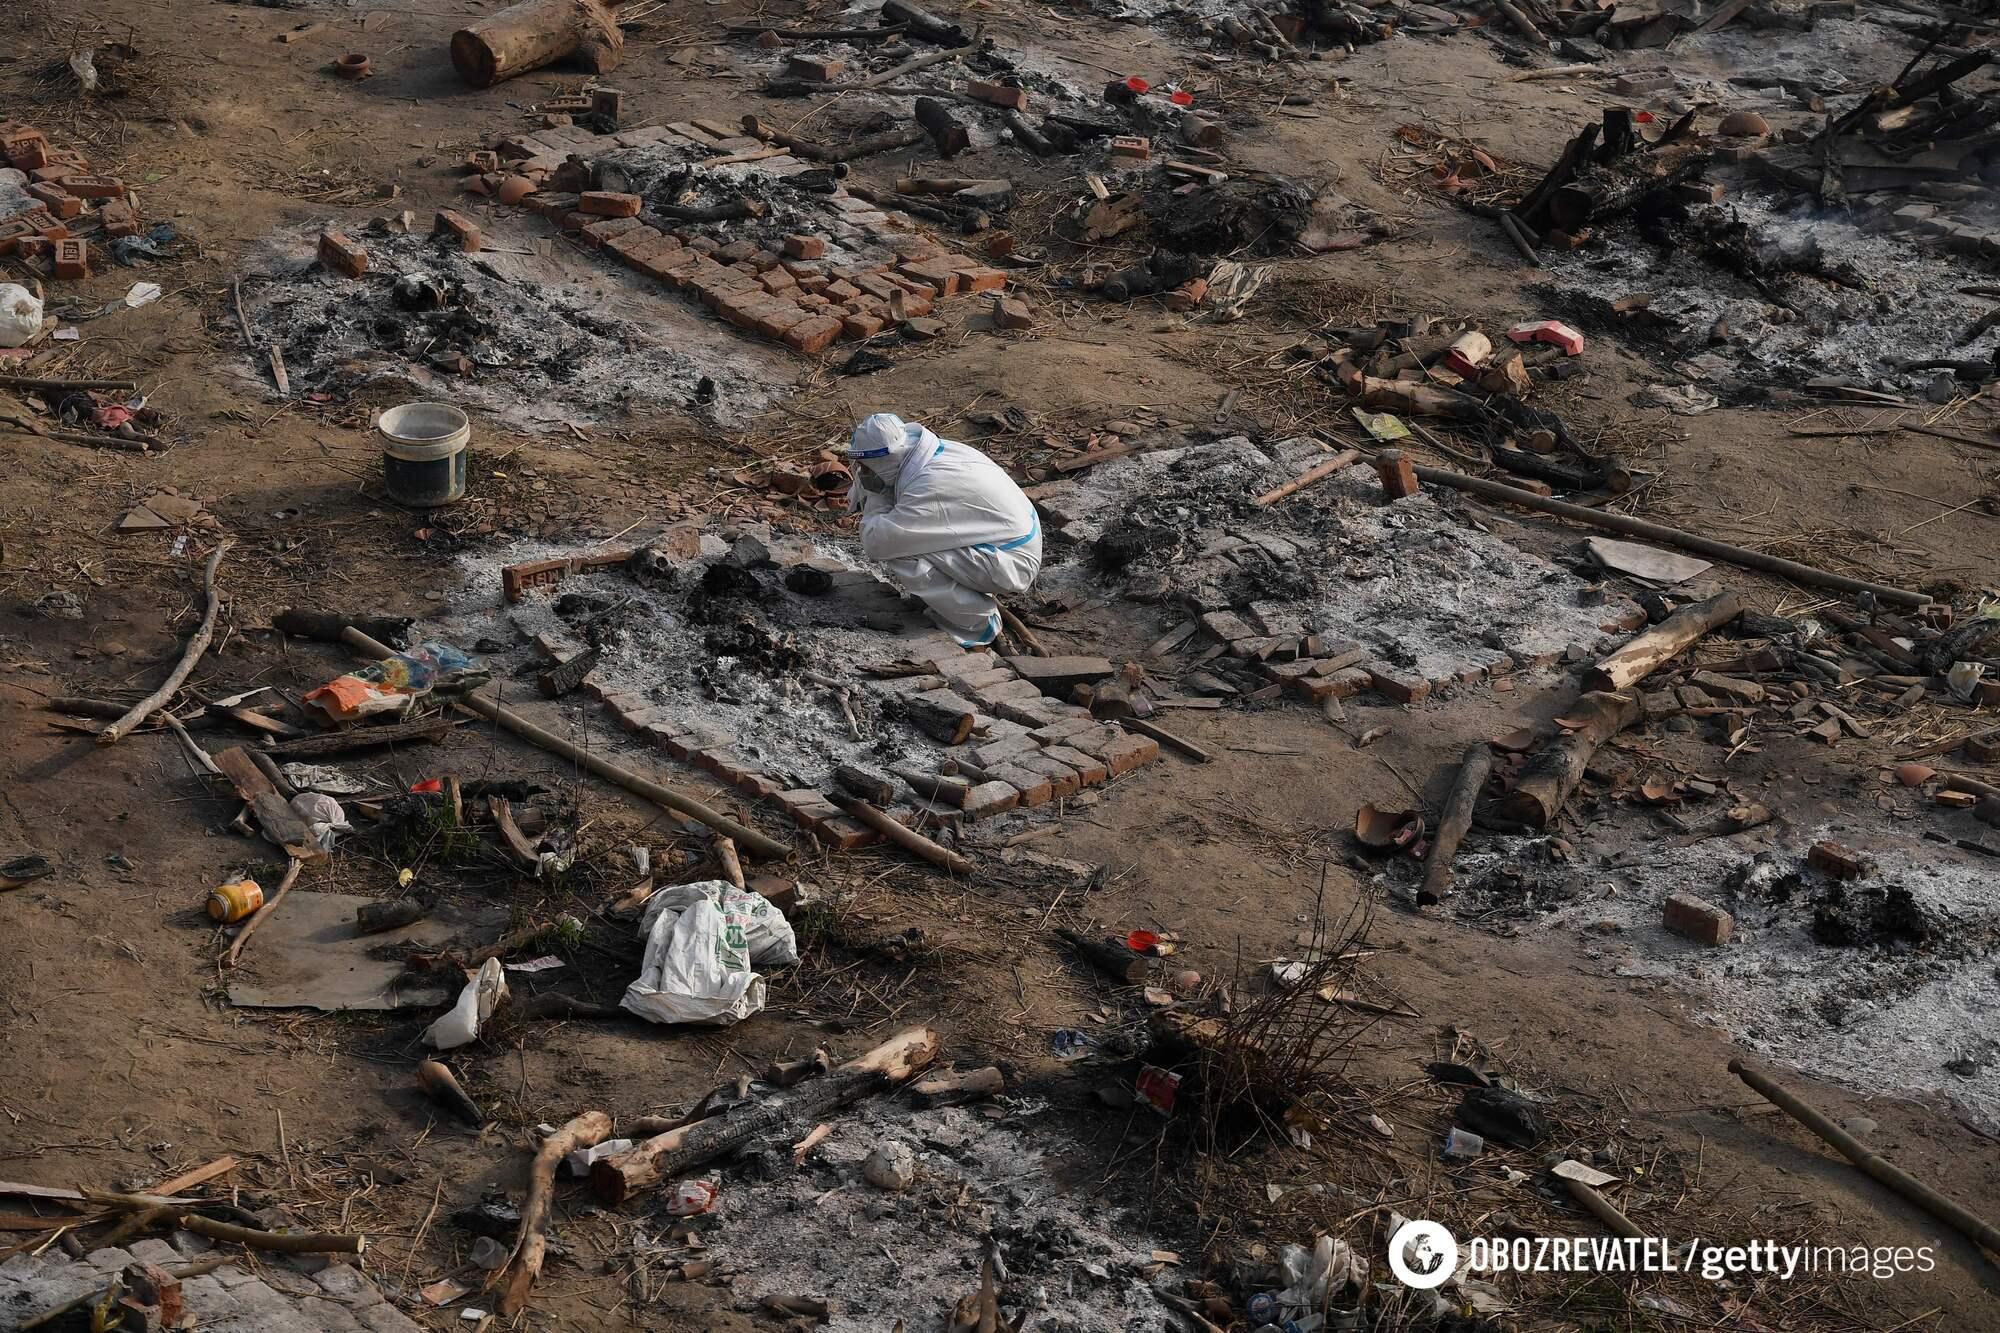 Похоронні вогнища в Індії, на яких спалюють тіла людей, що померли від коронавірусу